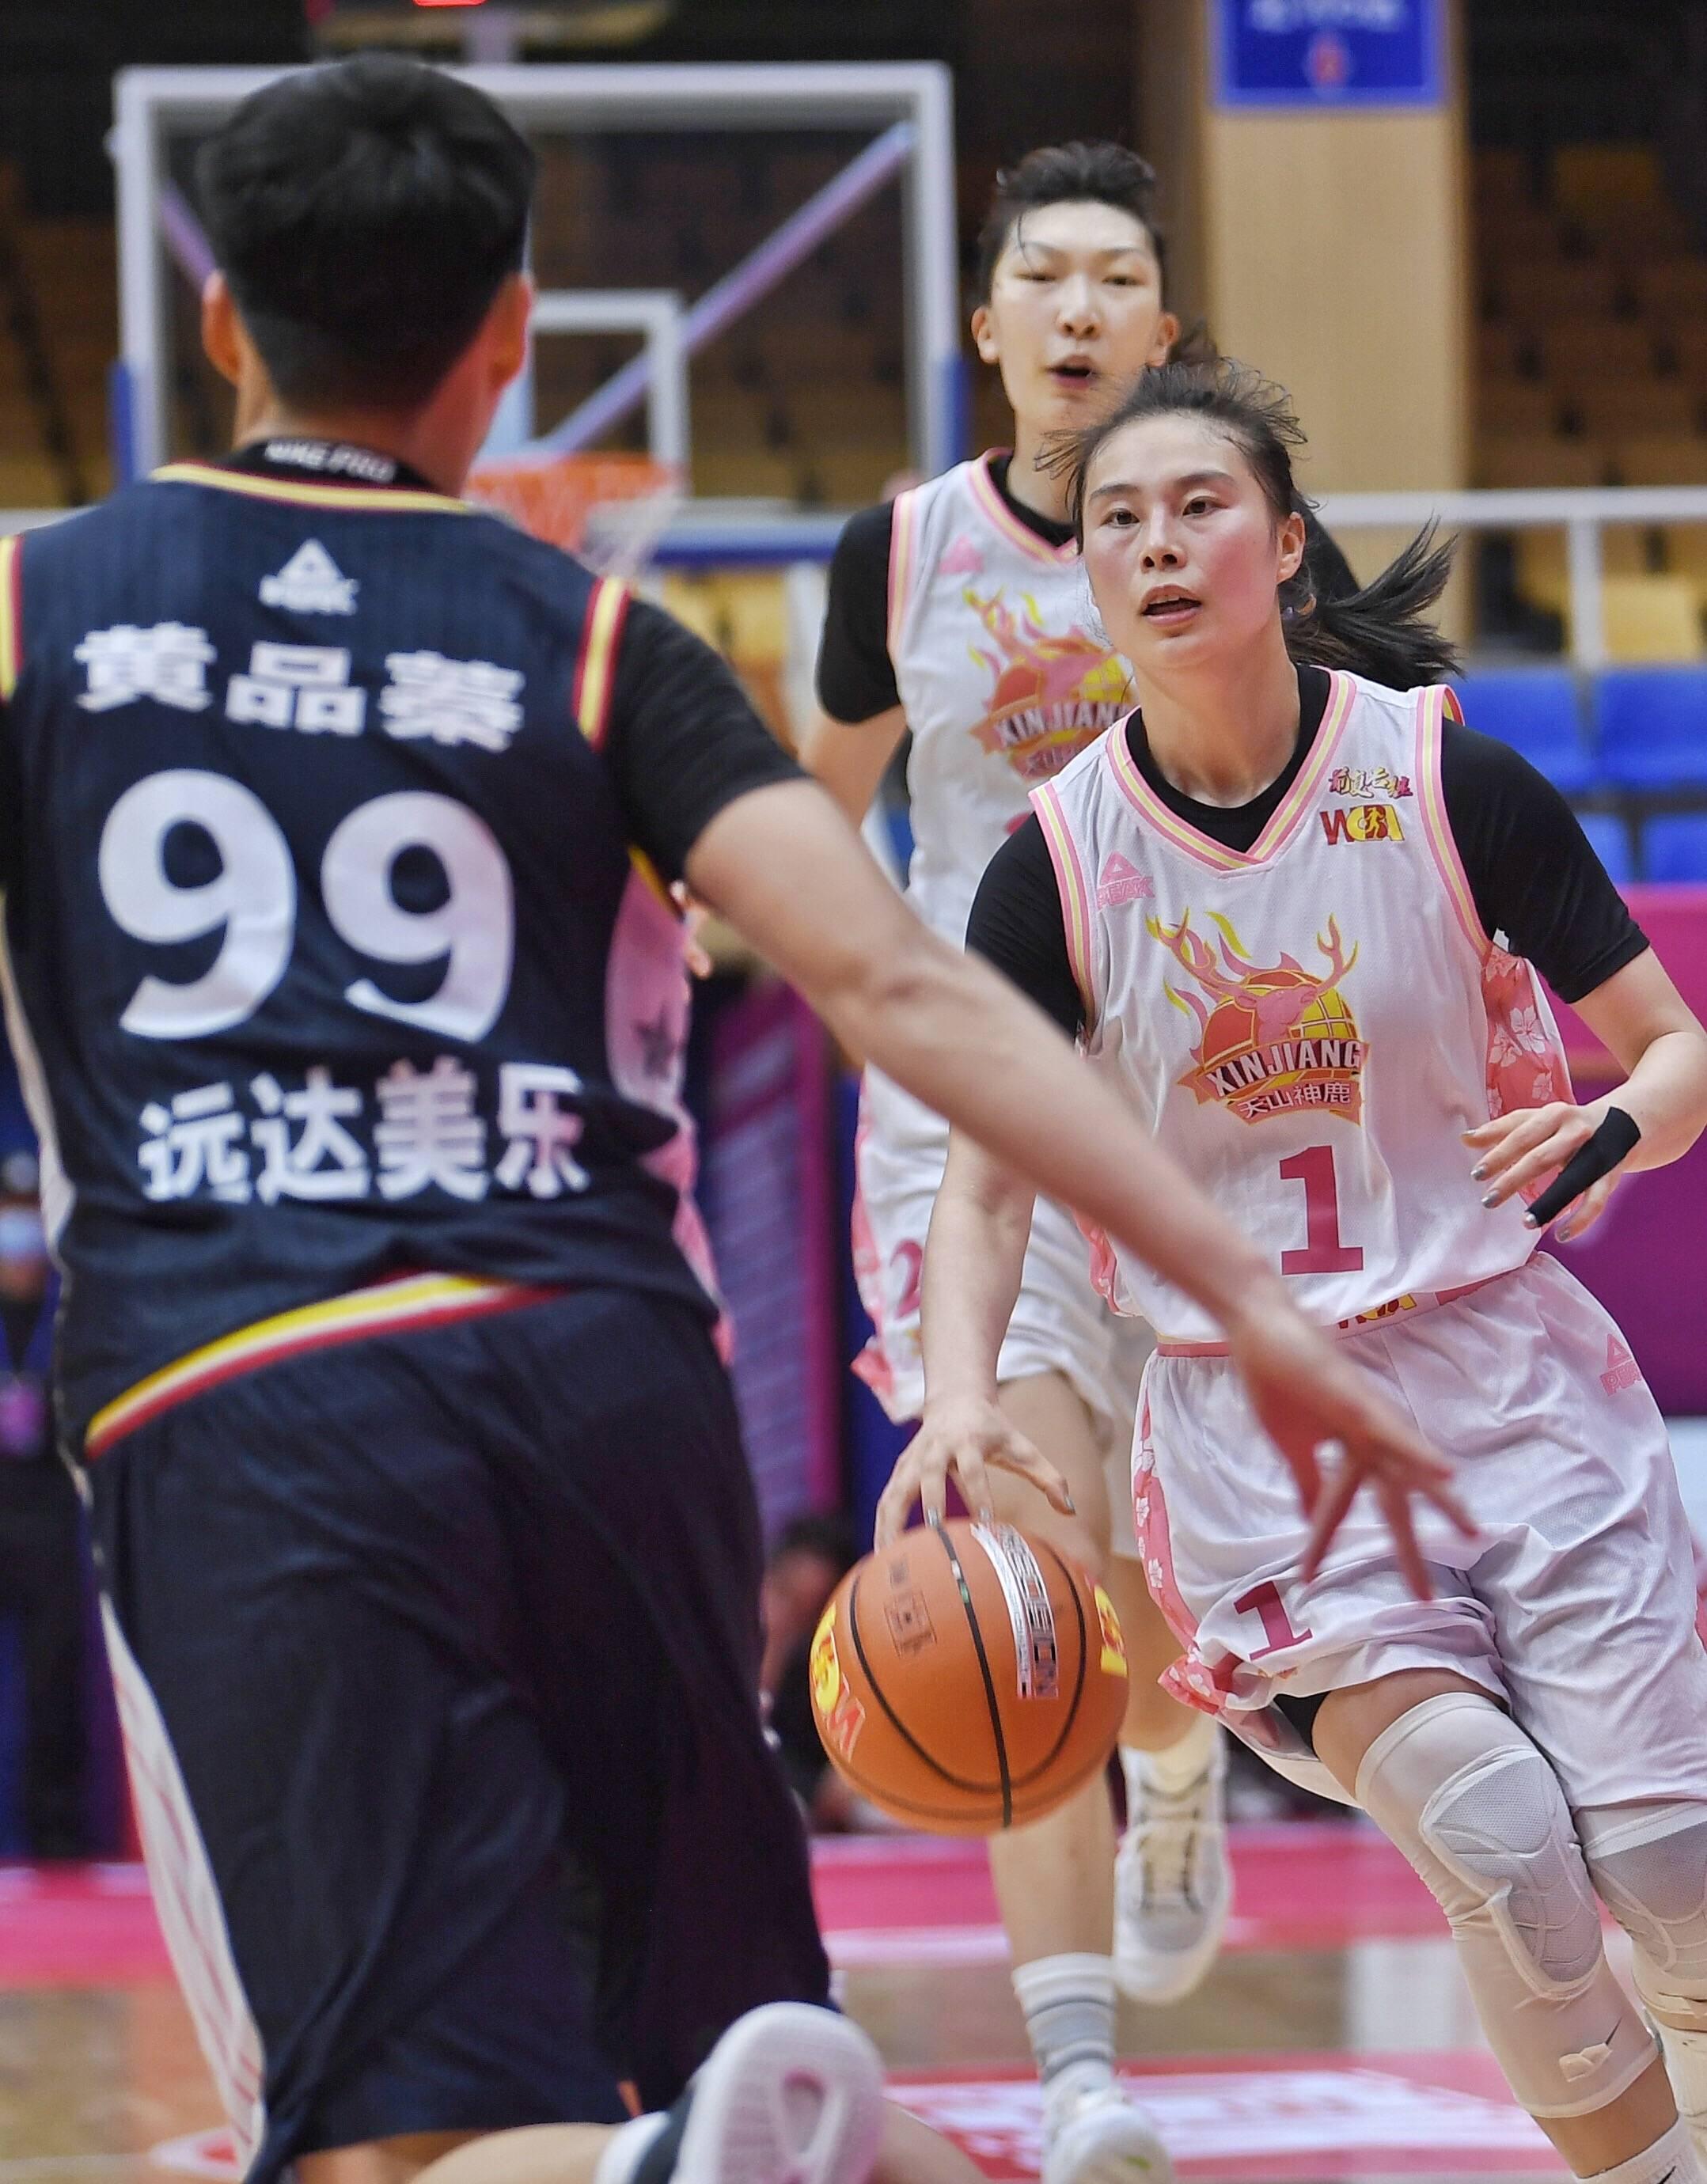 籃球WCBA︰四川遠達美樂勝新疆體彩